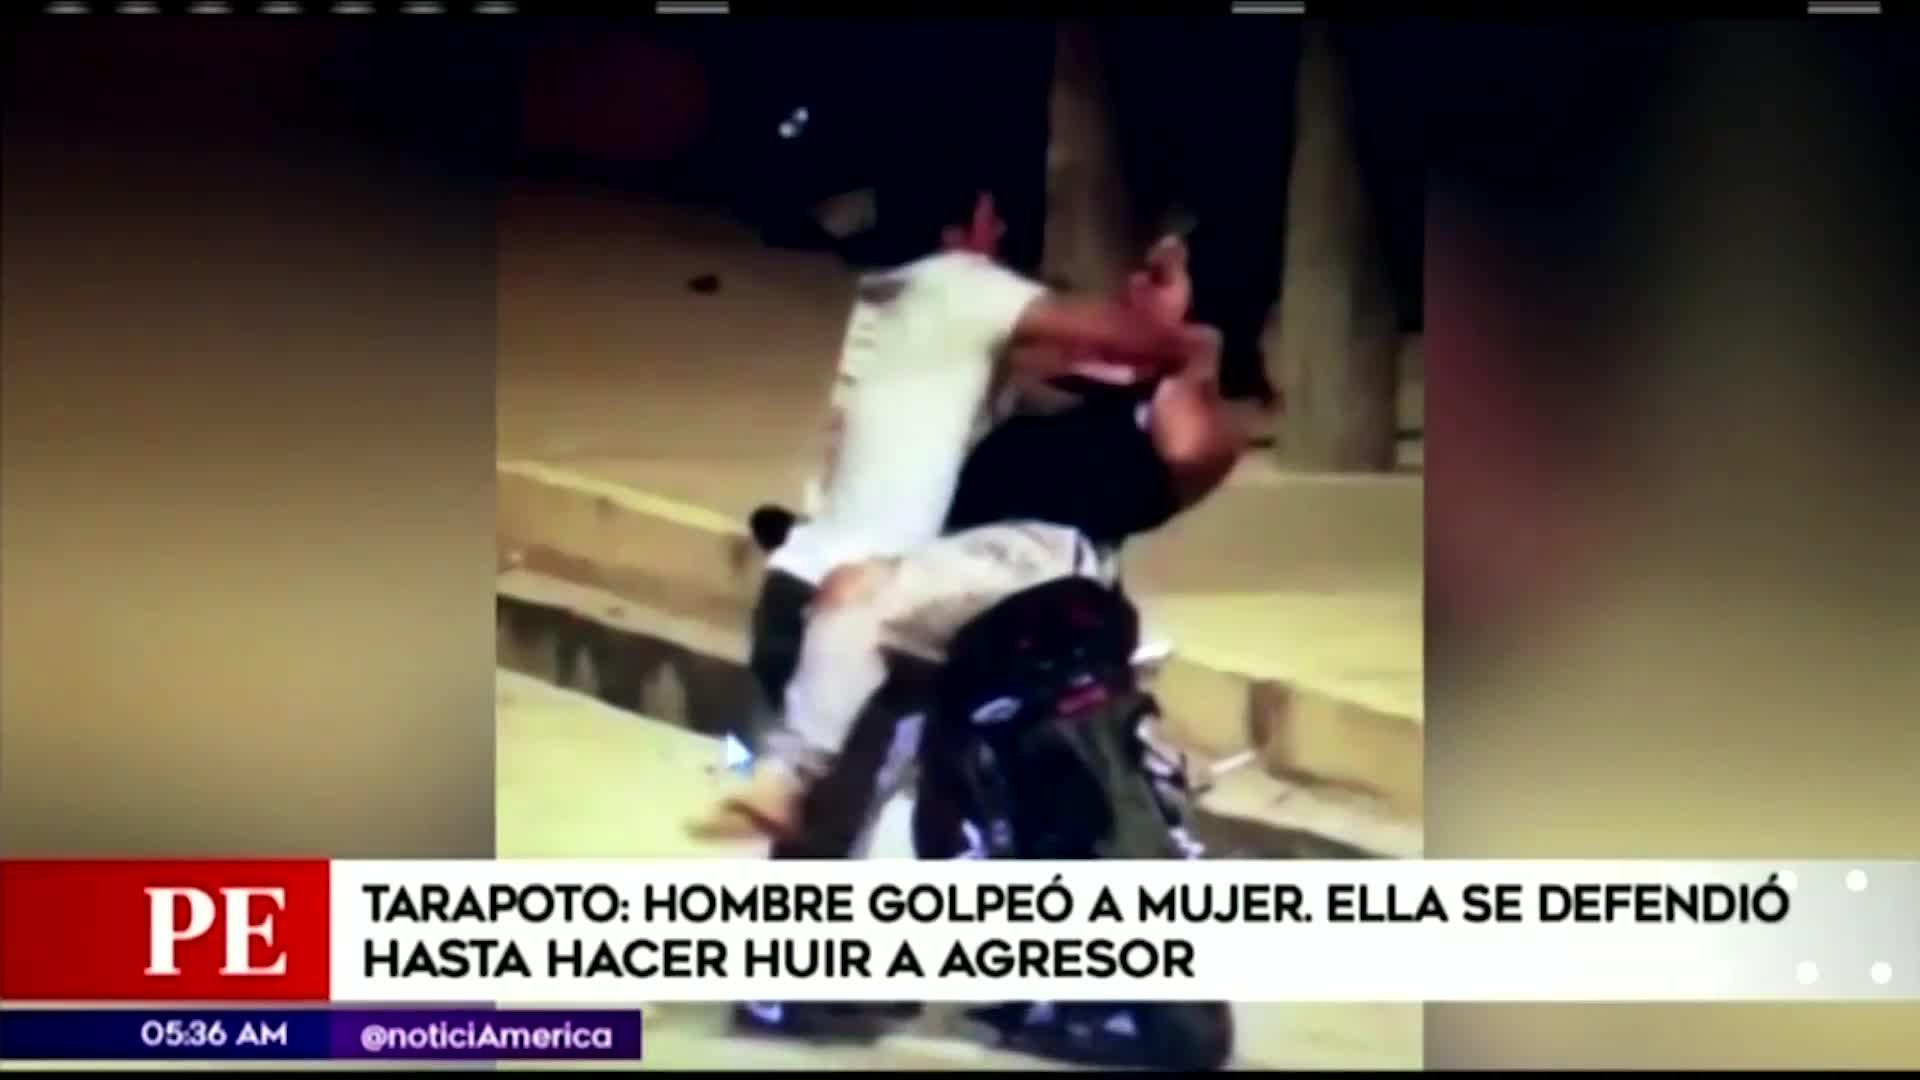 Tarapoto: mujer se defiende de los golpes de su pareja y hace huir al agresor